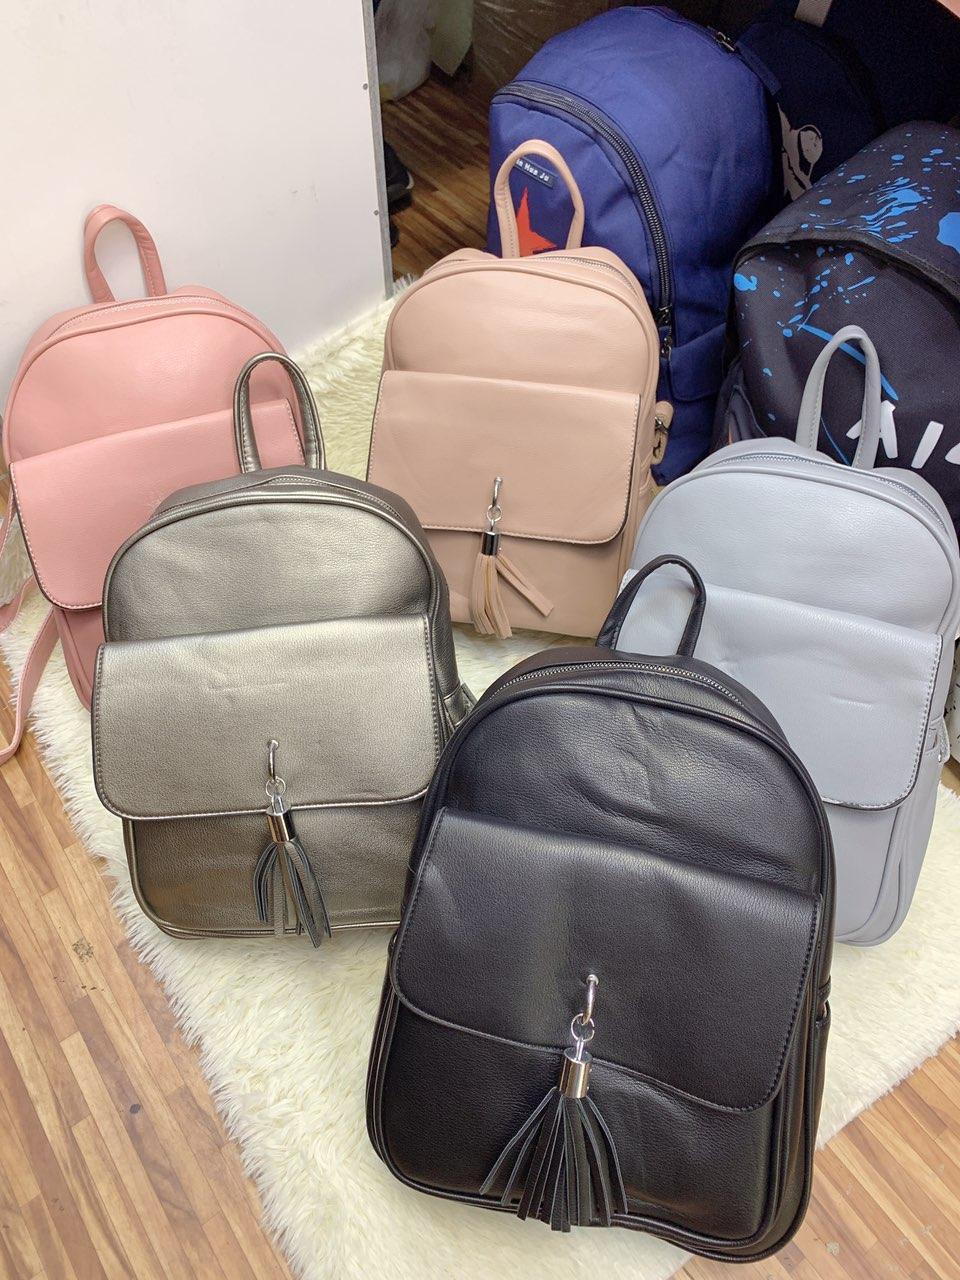 Рюкзак жіночий міський штучна шкіра в різних кольорах Mark